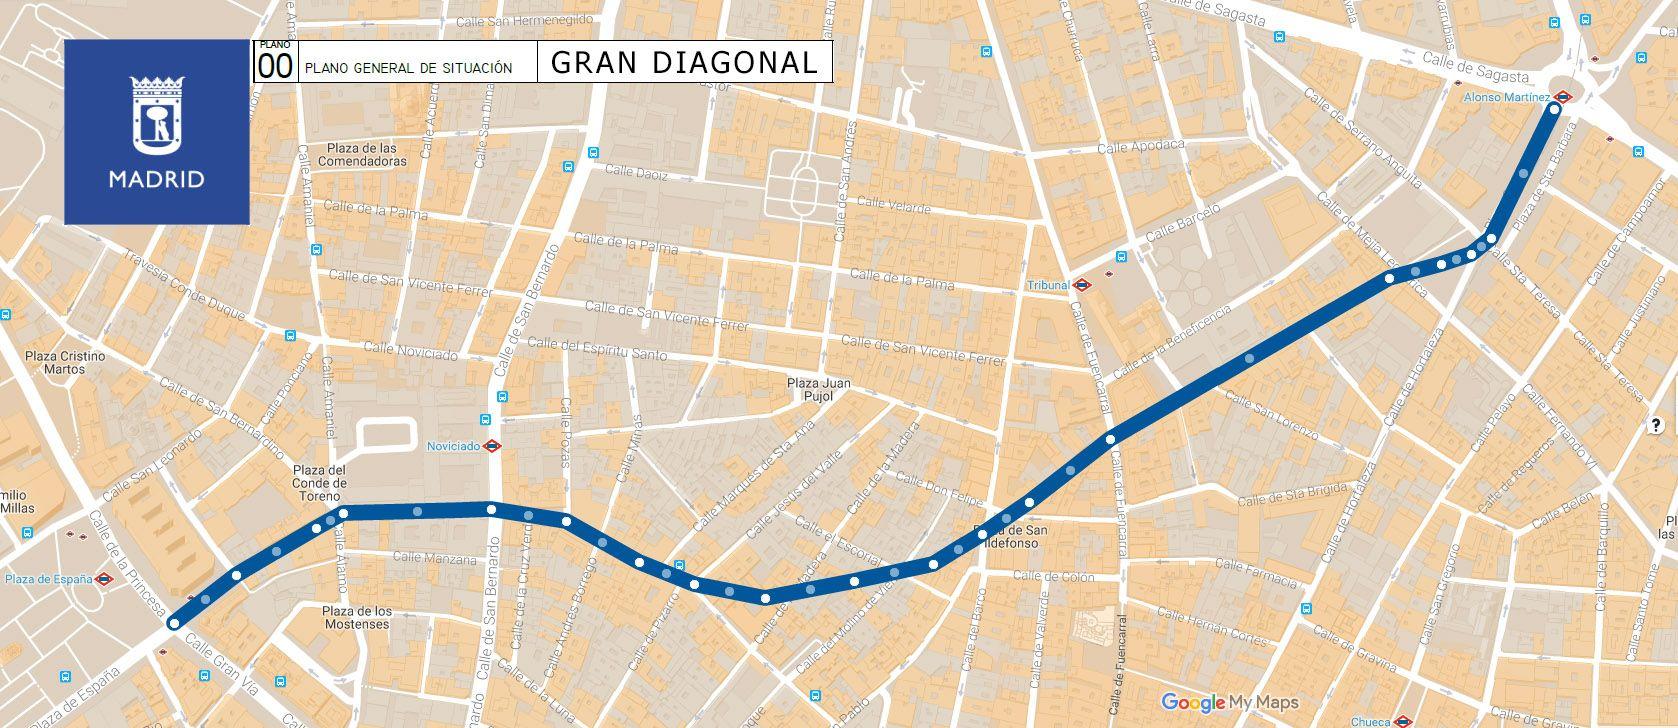 gran-diagonal-madrid